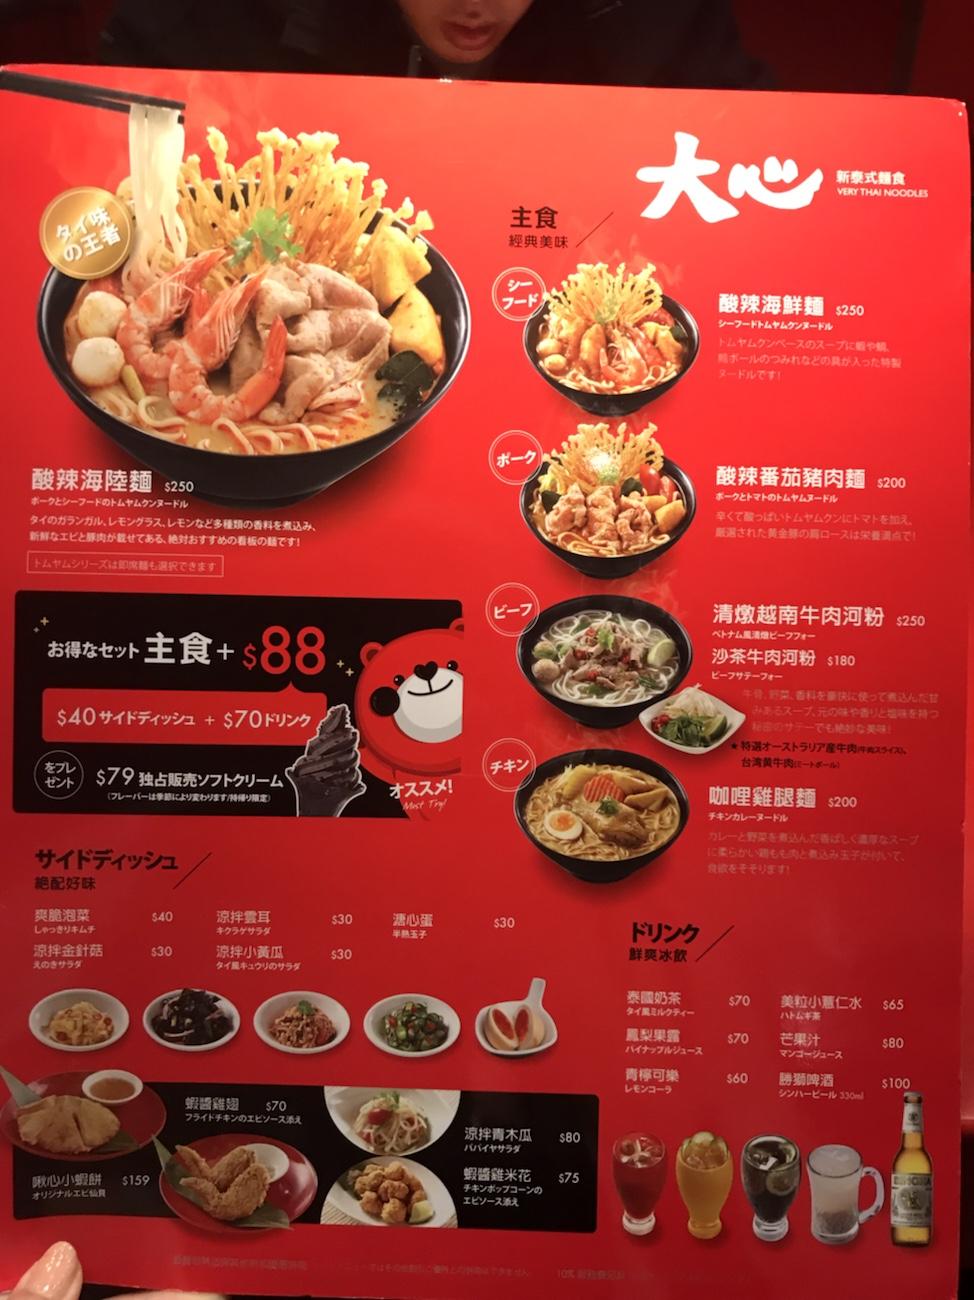 台北松山空港レストラン「大心」メニュー